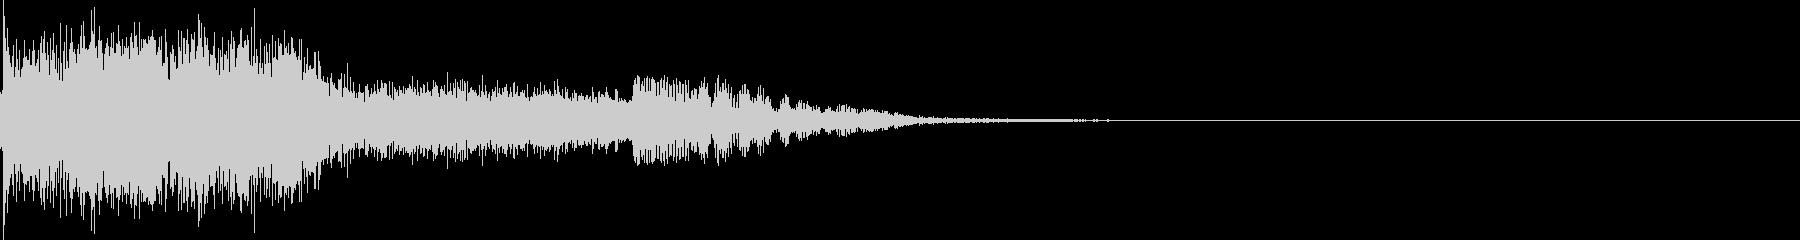 衝撃 金属音 恐怖 震撼 ホラー 14の未再生の波形